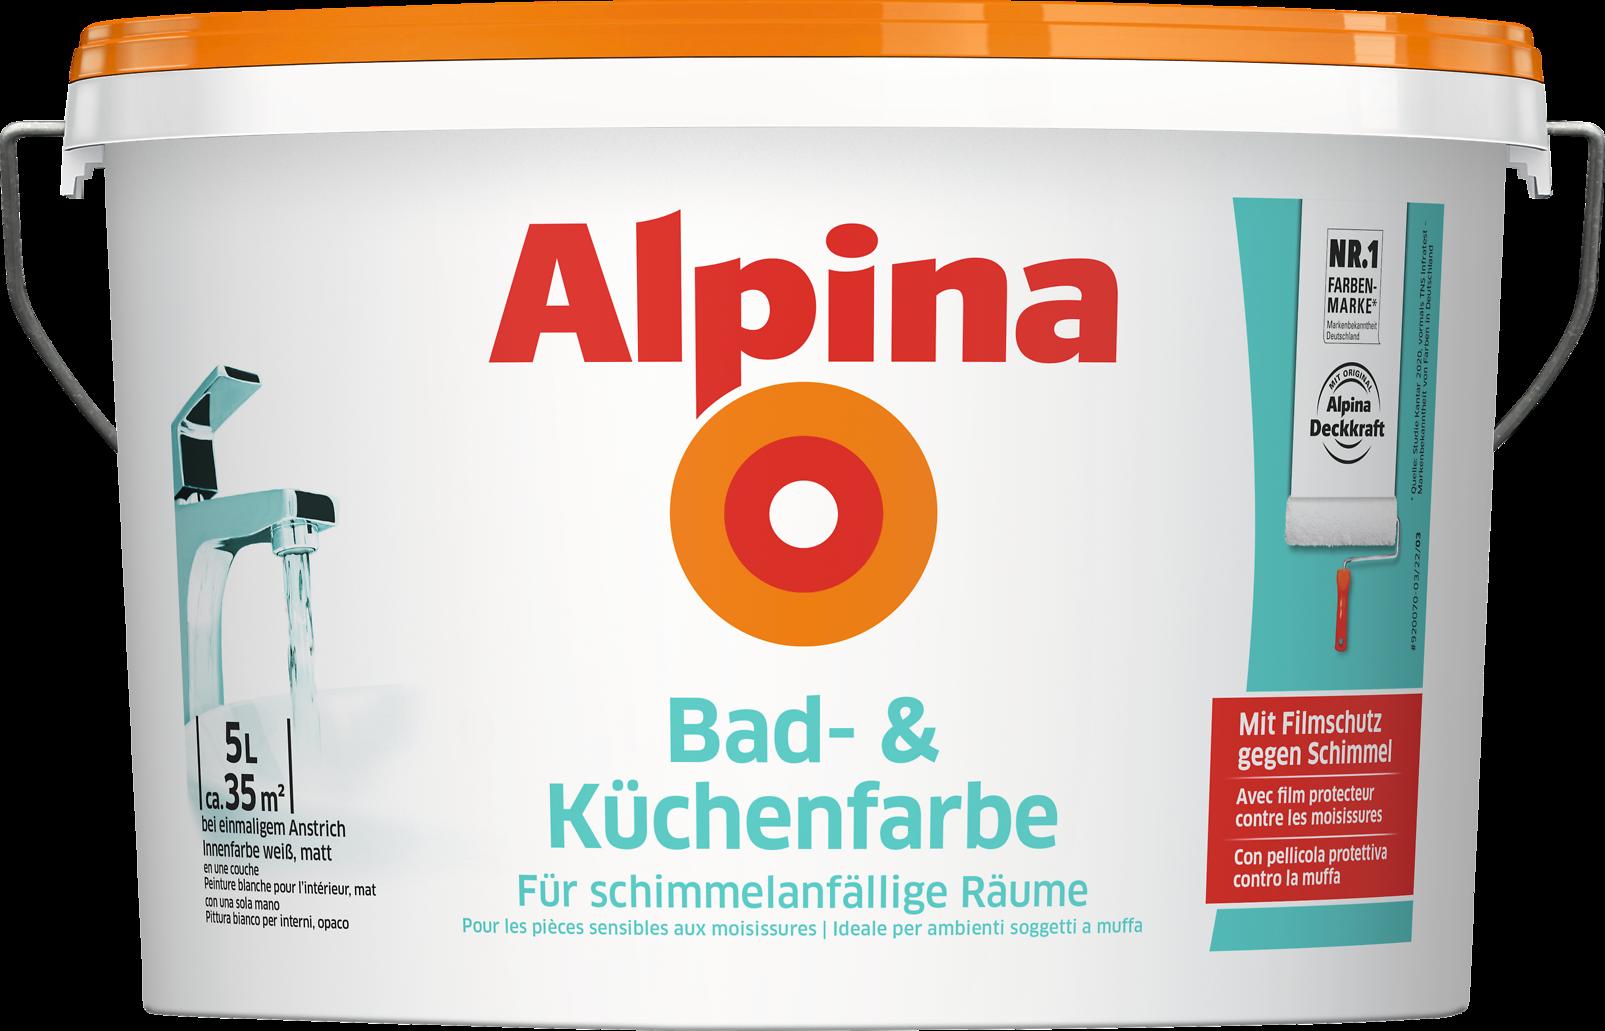 Bad- und Küchenfarbe, mit Filmschutz gegen Schimmel - Alpina Farben